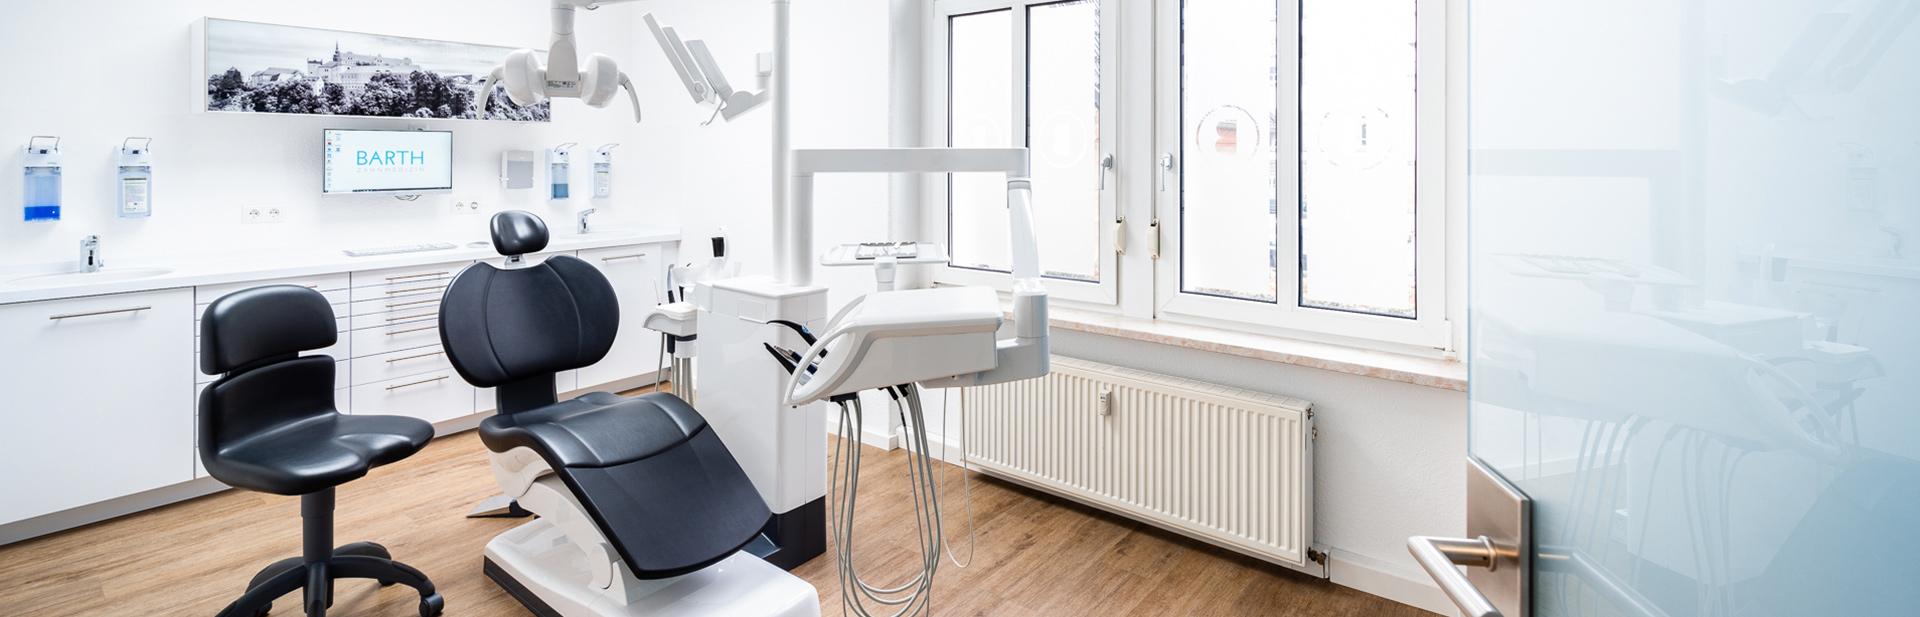 Behandlungszimmer beim Zahnarzt in Bautzen.